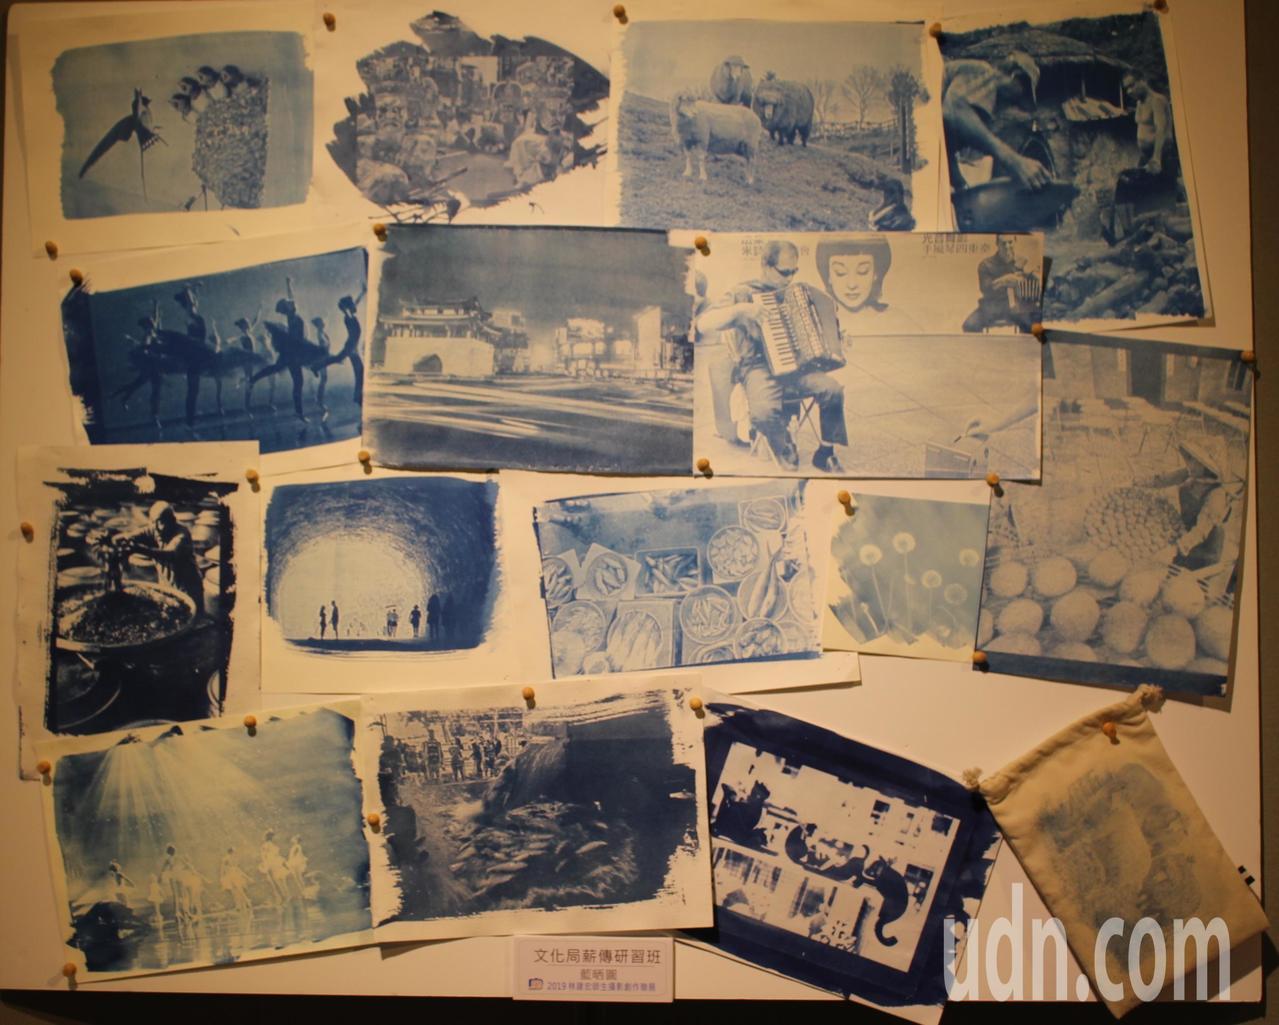 攝影師林建宏說,透過攝影映像原理的「藍晒圖」組合作品展出,可以呈現攝影的多樣性以...